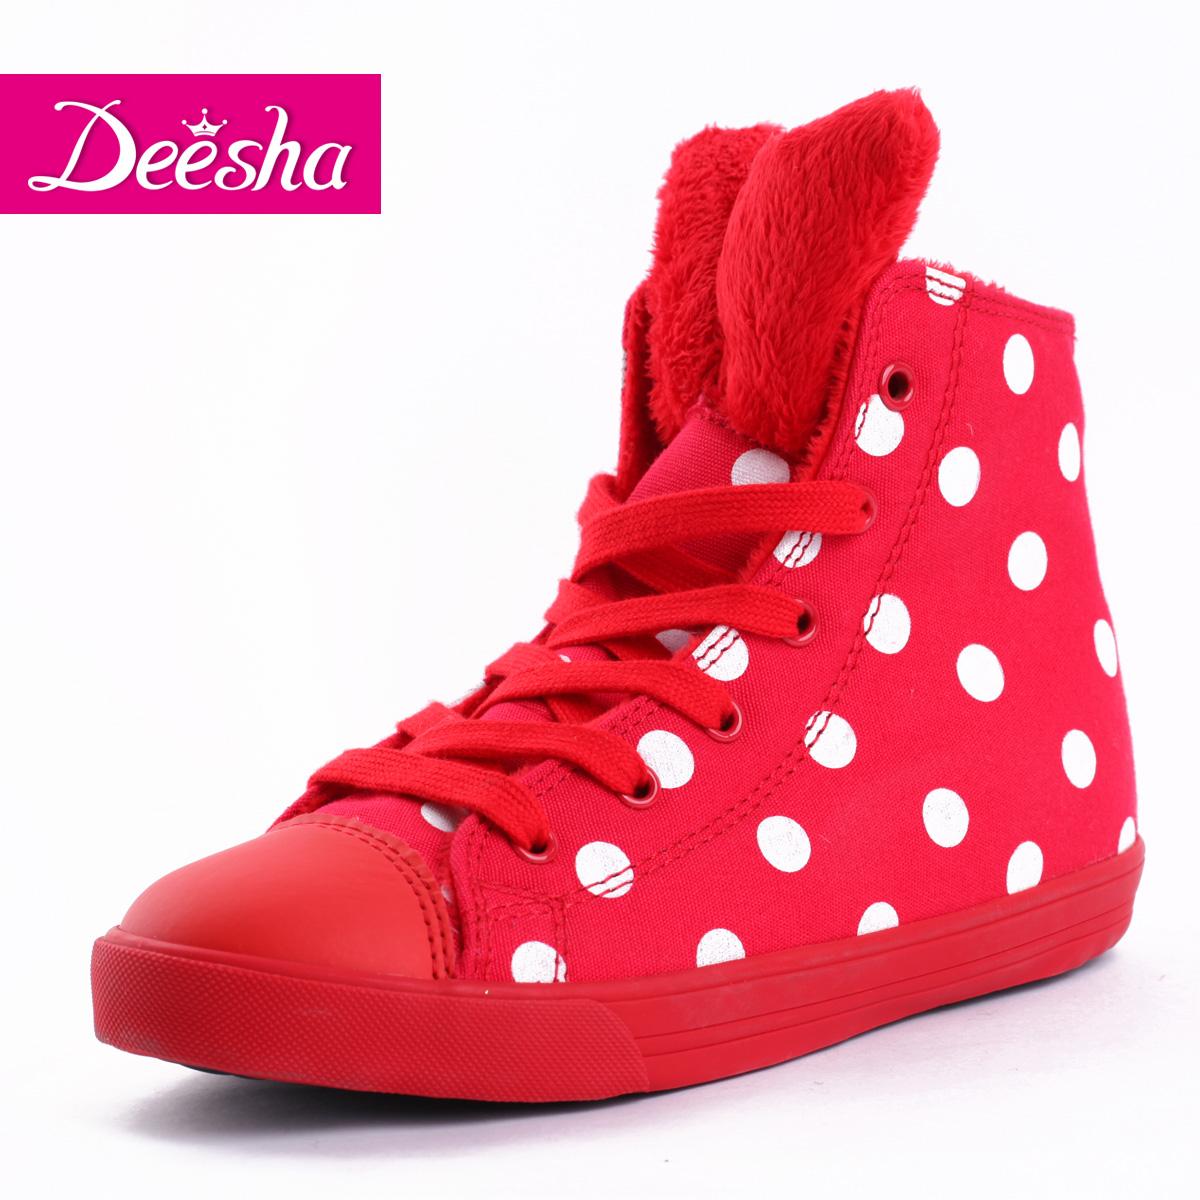 笛莎2014新款女儿童冬季保暖可爱韩版波点兔耳朵帆布鞋笛沙旗舰店